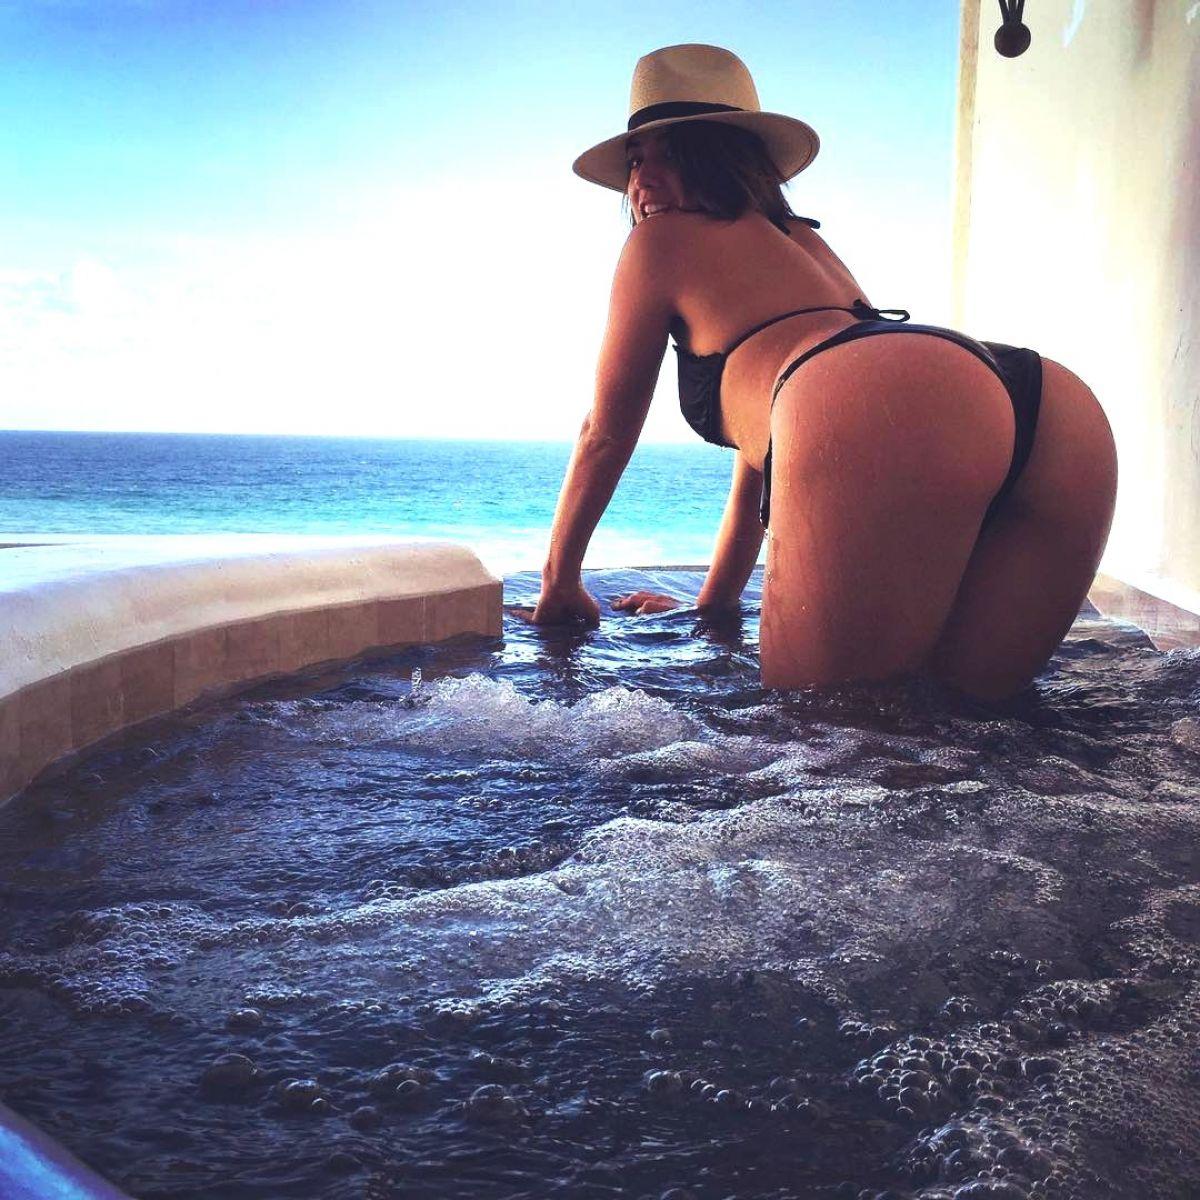 CHLOE BENNER in Bikini - Instagram Picture